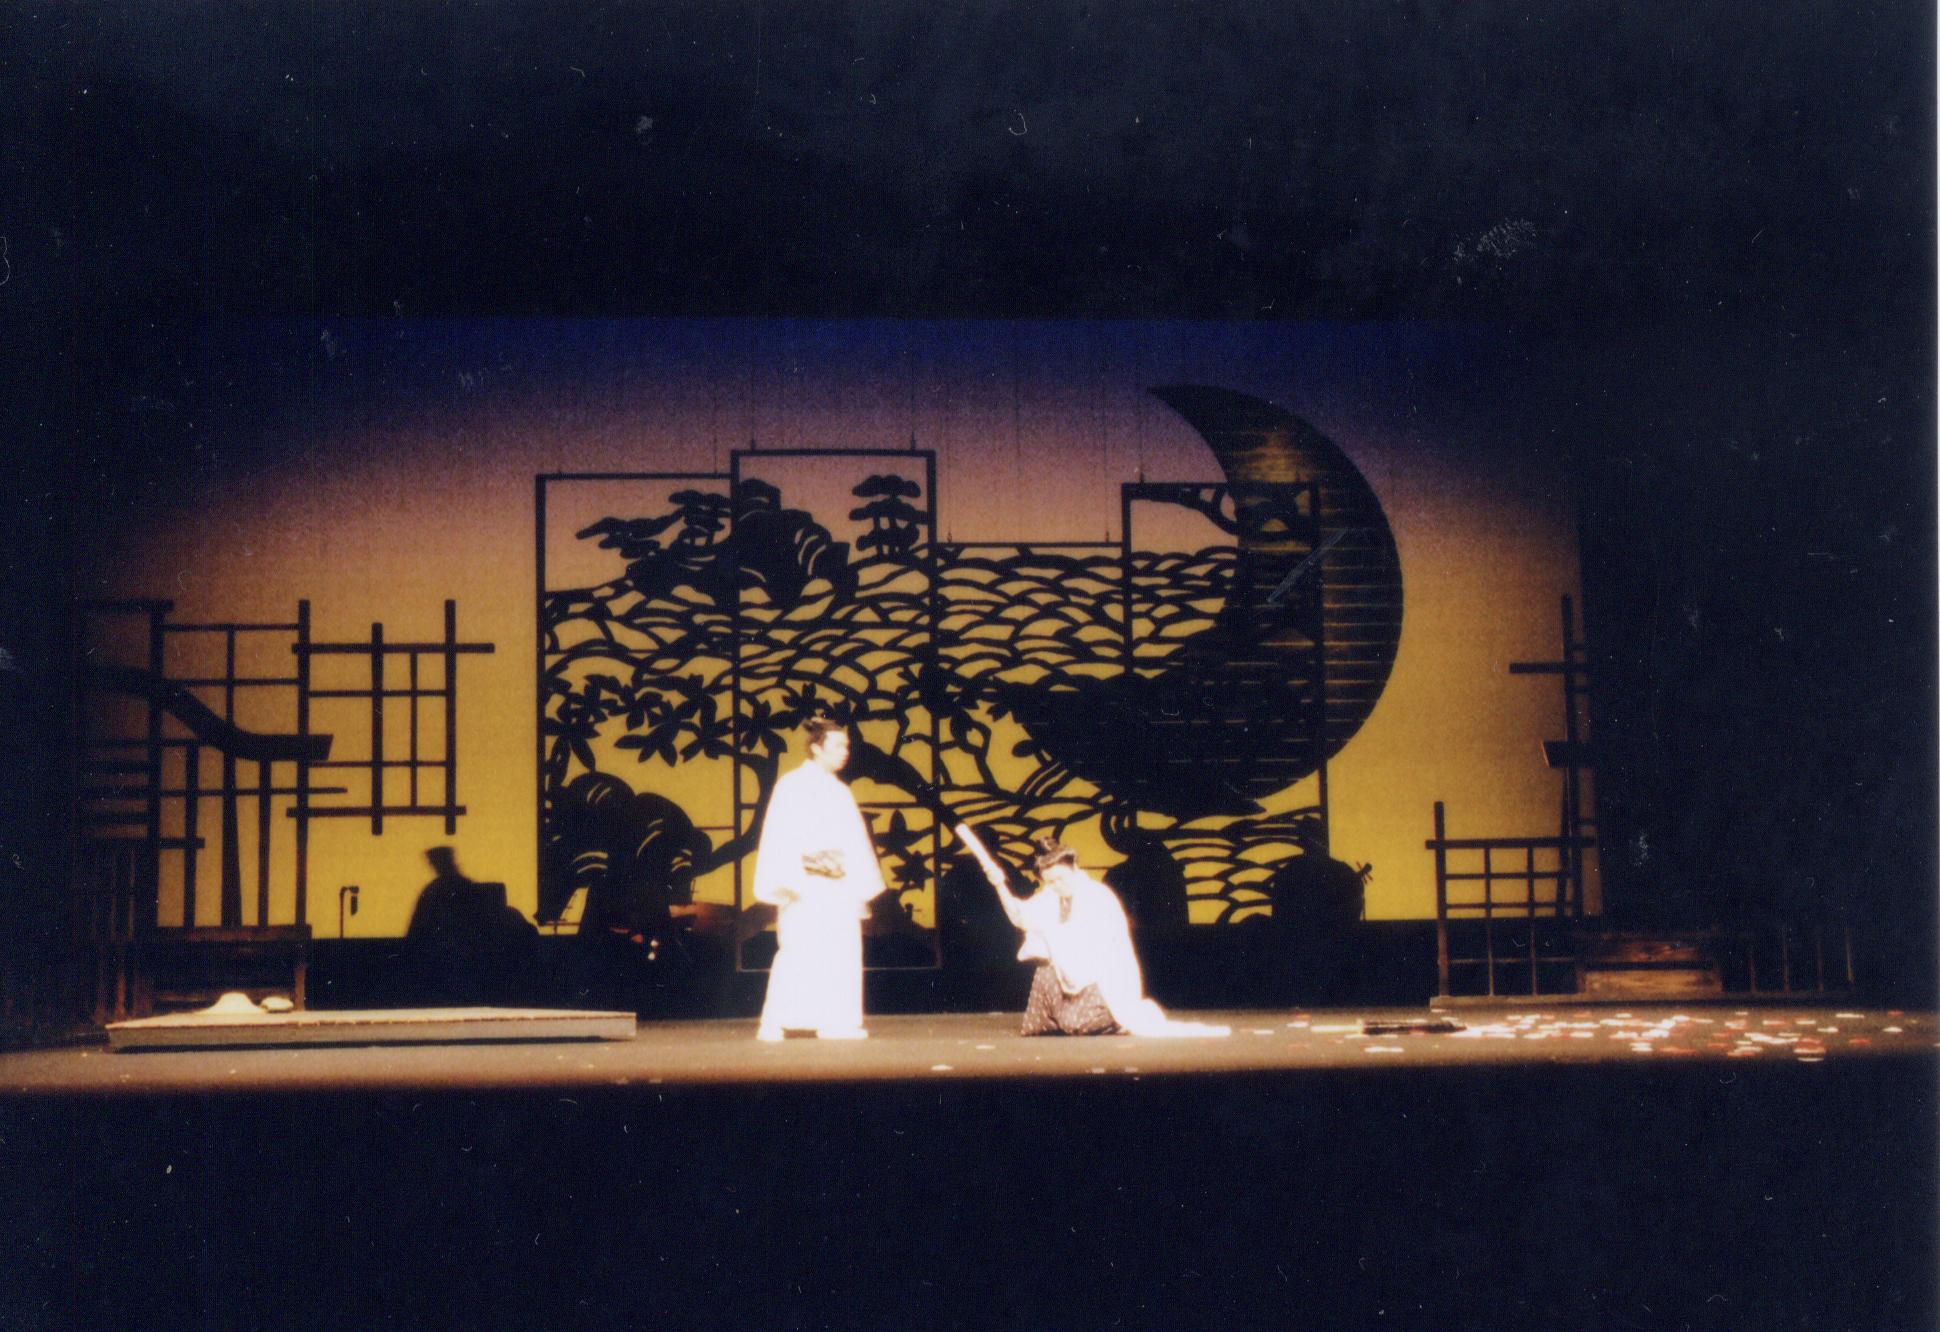 2007年 加藤直版「泊阿嘉」